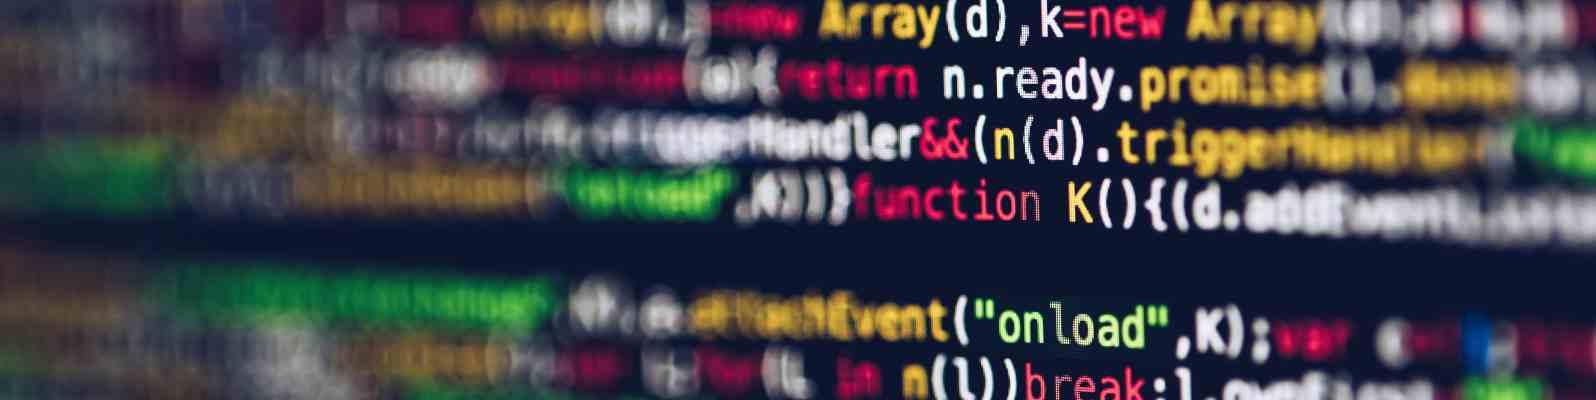 Ein paar Zeilen Programmcode erscheint bunt auf einem Bildschirm